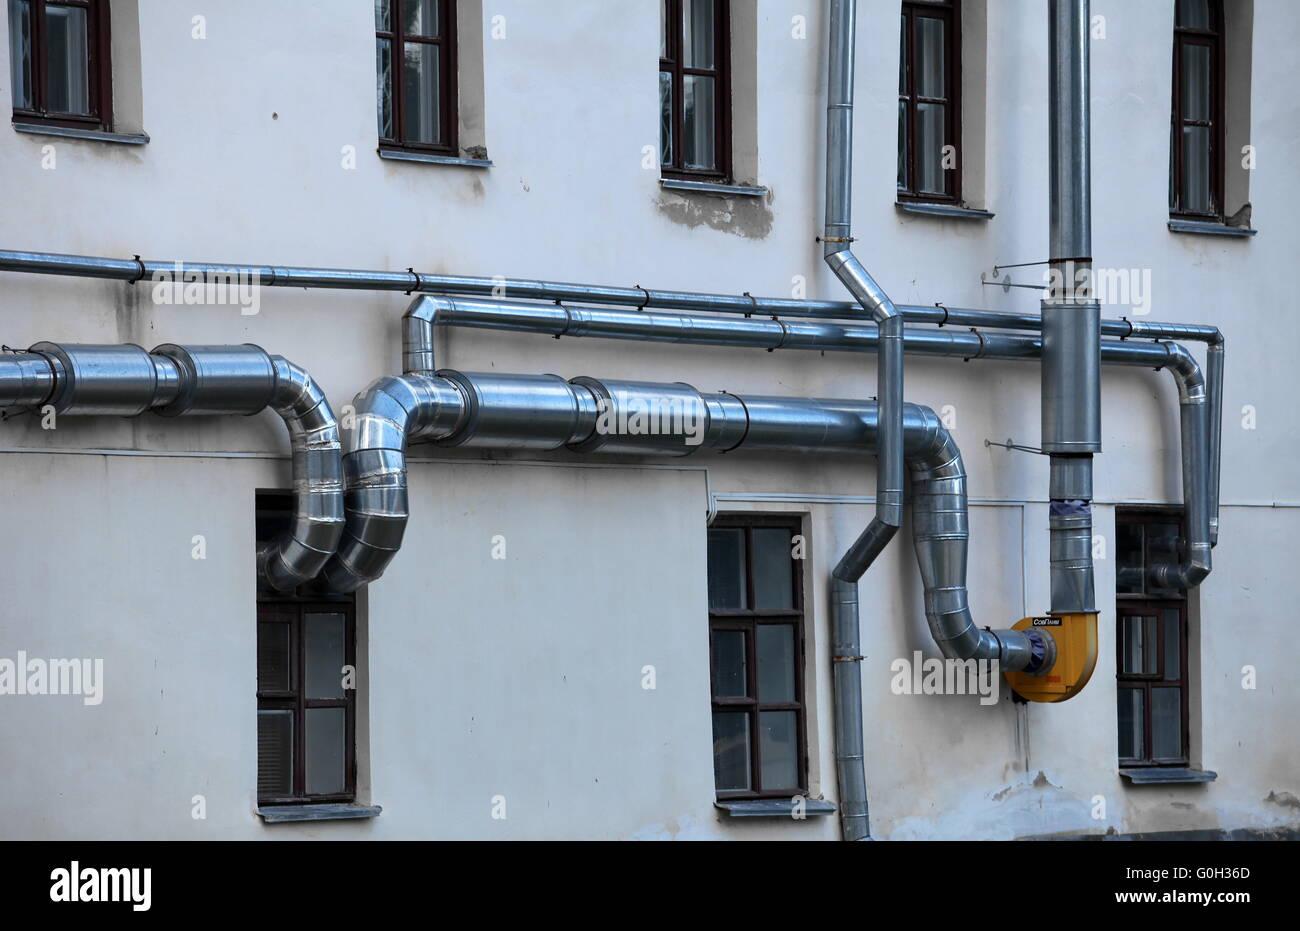 Tubos de ventilación en la pared de un edificio Imagen De Stock